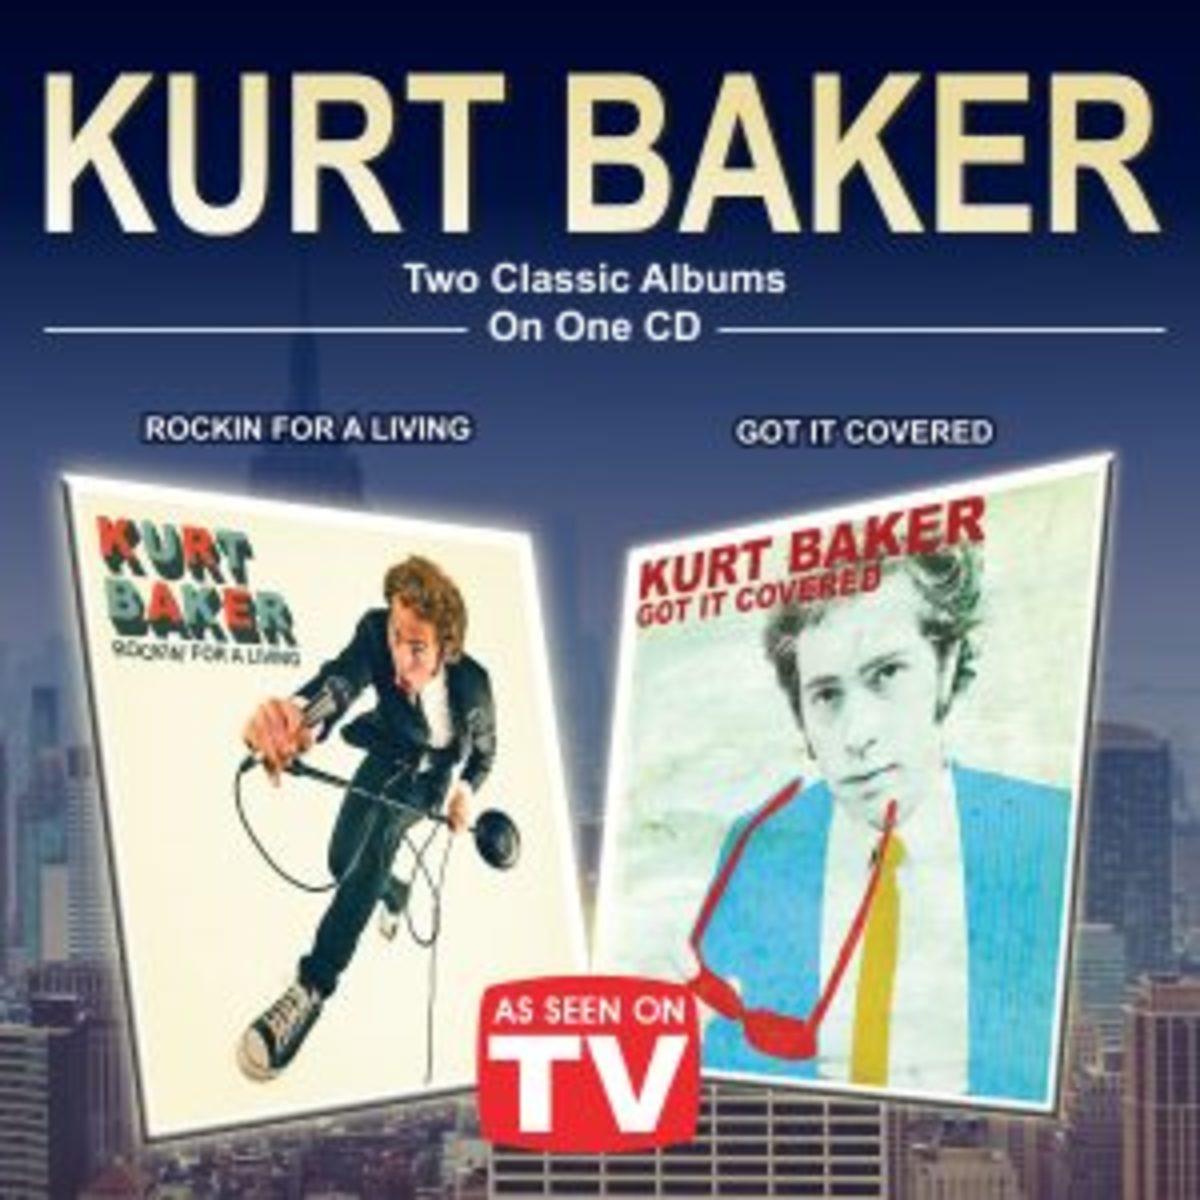 KurtBaker_CD-Cover_Final_22082015